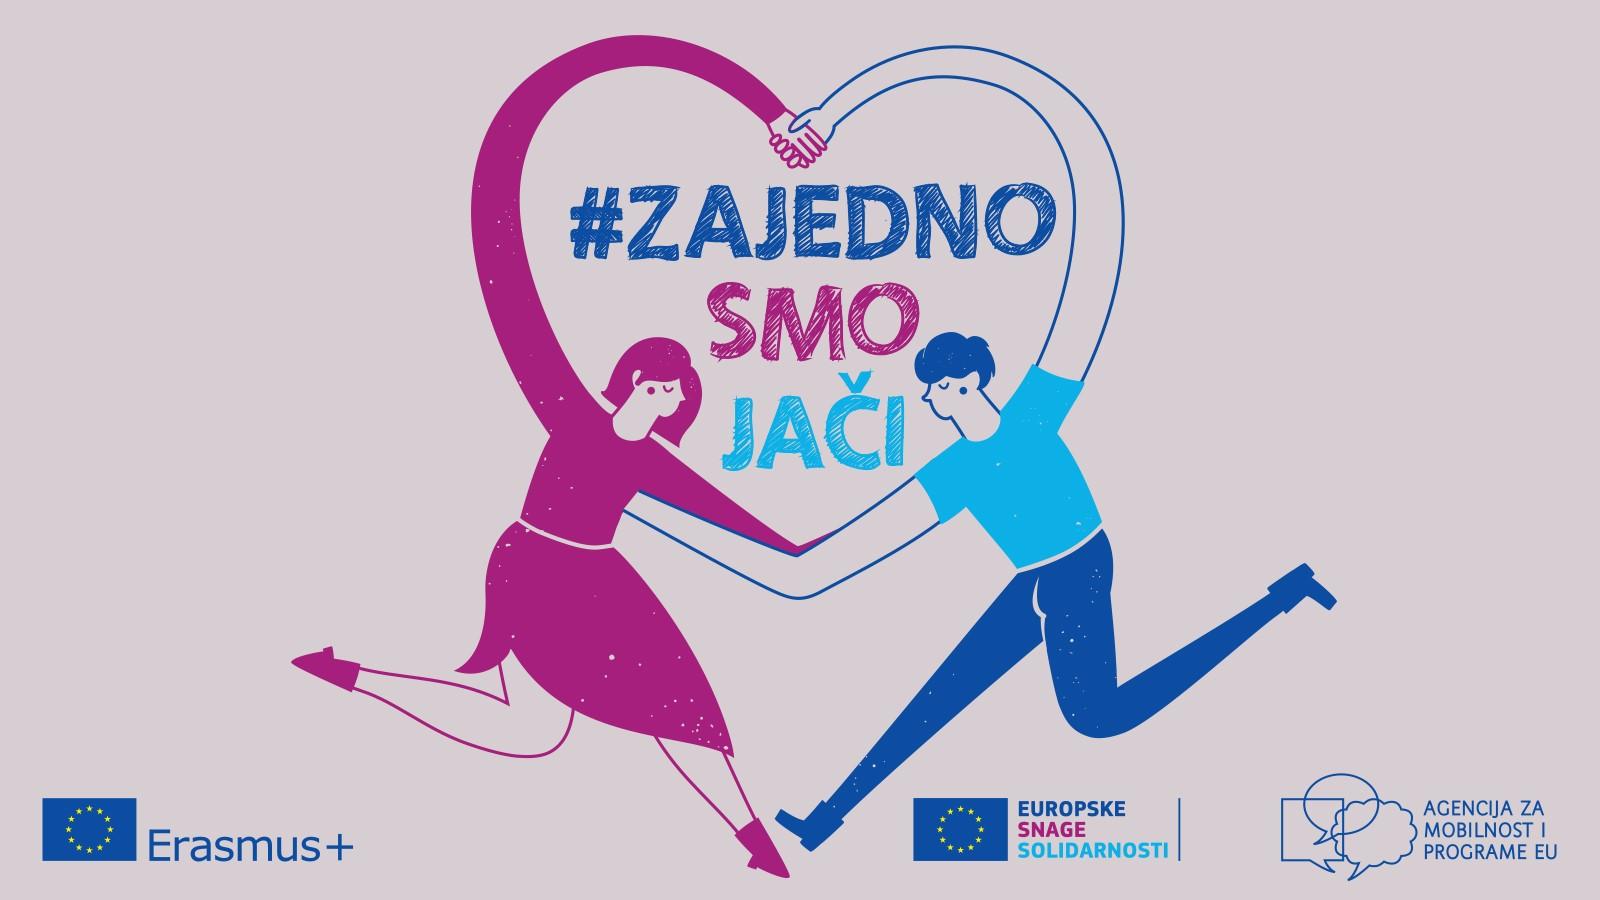 EU programi Erasmus+ i Europske snage solidarnosti u Hrvatskoj postigli uspjeh i pozitivno utjecali na društvo - Slika 5